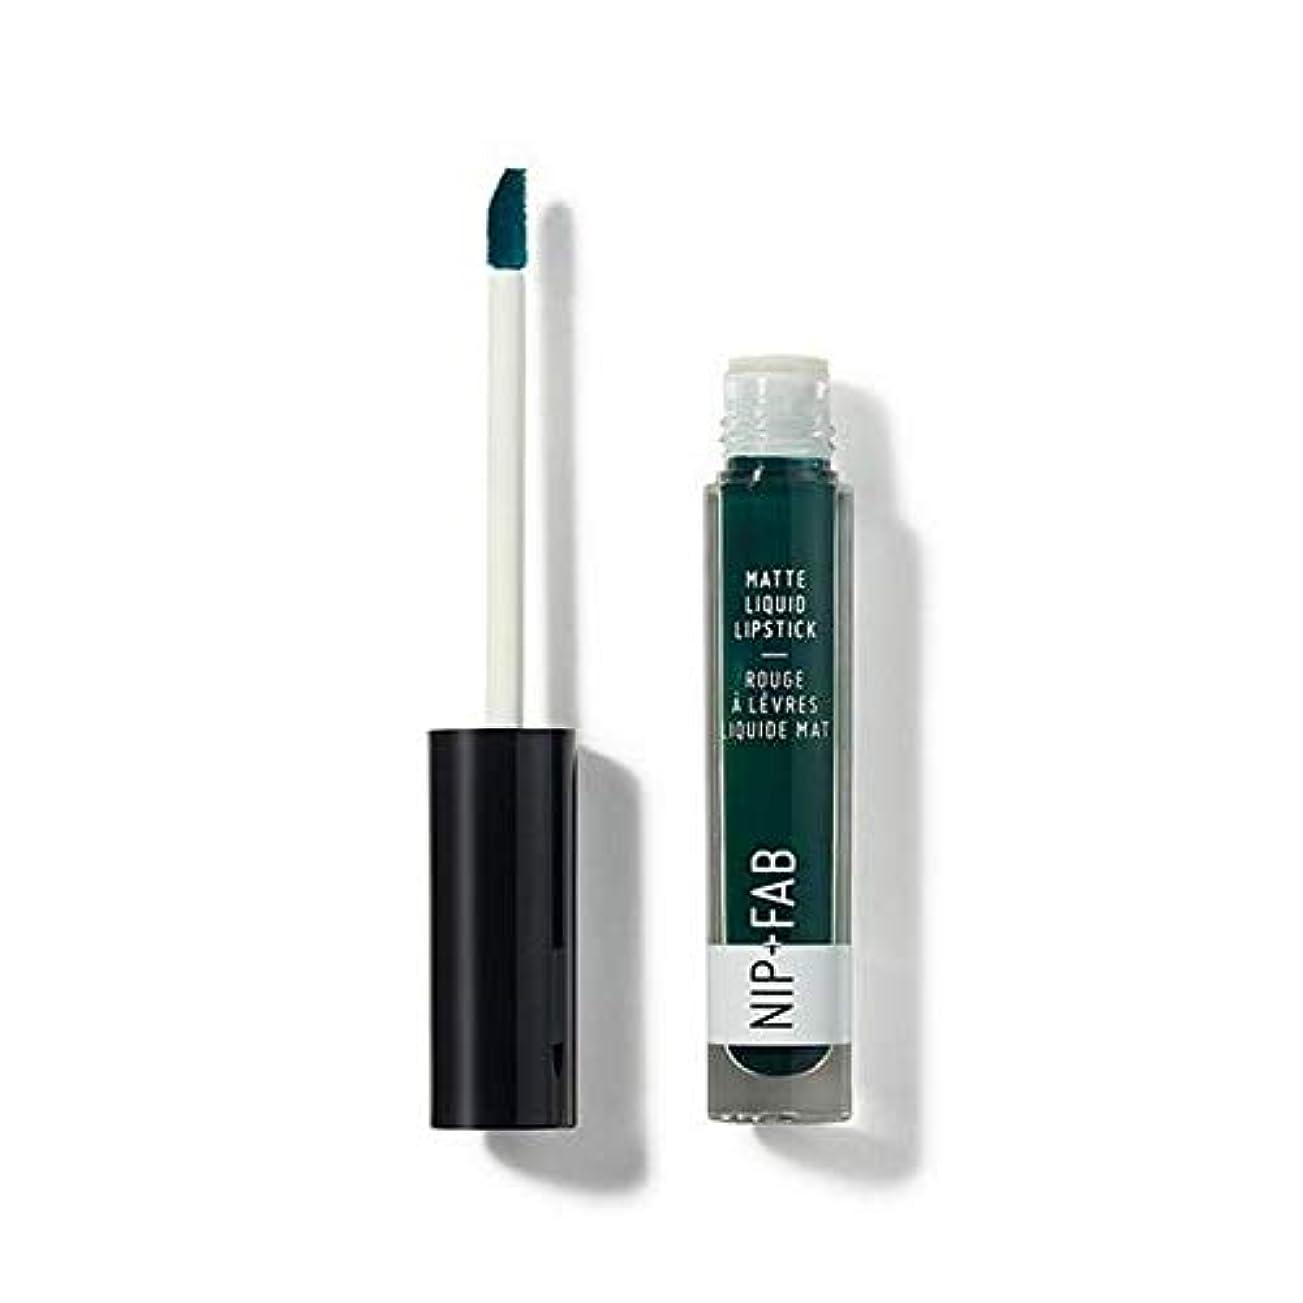 [Nip & Fab ] + Fabマット液状口紅クールミント65ニップ - Nip+Fab Matte Liquid Lipstick Cool Mint 65 [並行輸入品]